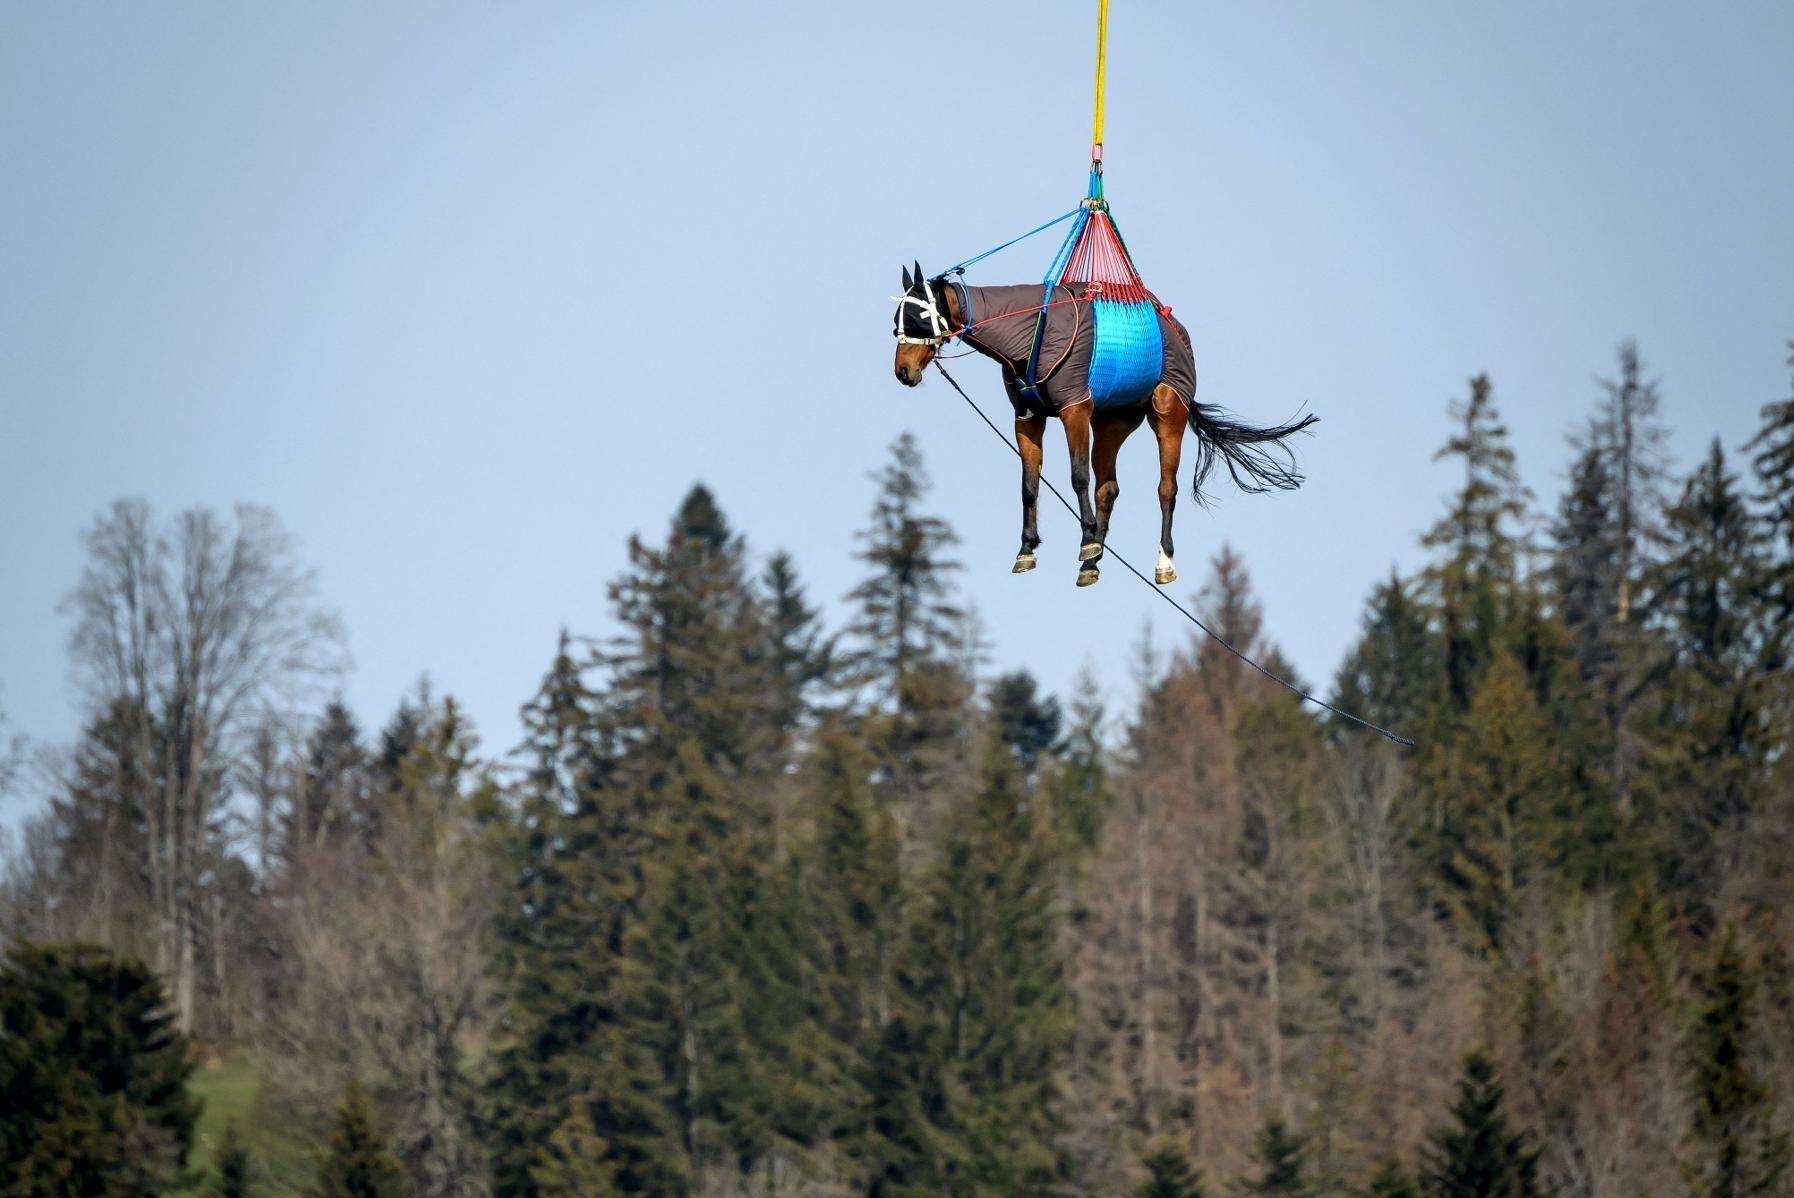 En bild från försöken den 9 april i Saignelegier i schweiziska kantonen Jura där hästarna lyftes och flögs över trätopparna i 45 minuter i hastigheter upp till 140 kilometer i timmen. Syftet med försöken var att hitta rutiner för att kunna transportera svårt skadade hästar längre tid i luften för att snabbt få adekvat vård på hästklinik.